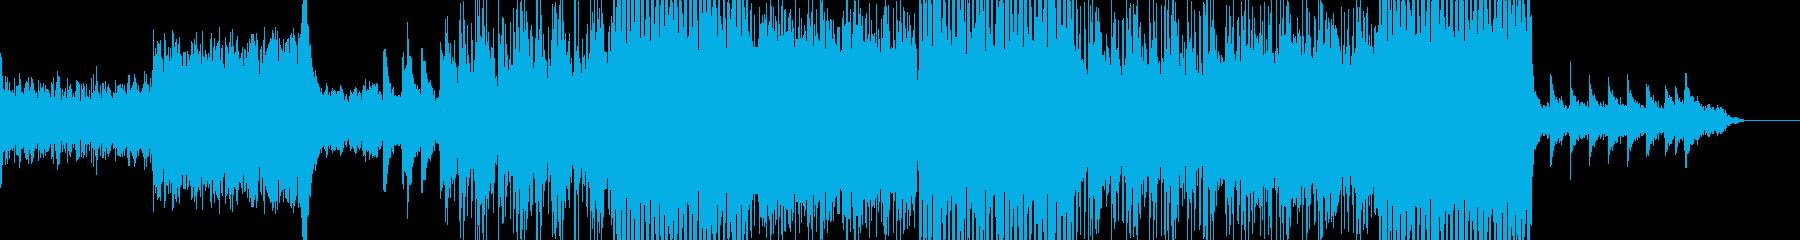 ワールドミュージック+ダンスミュージックの再生済みの波形